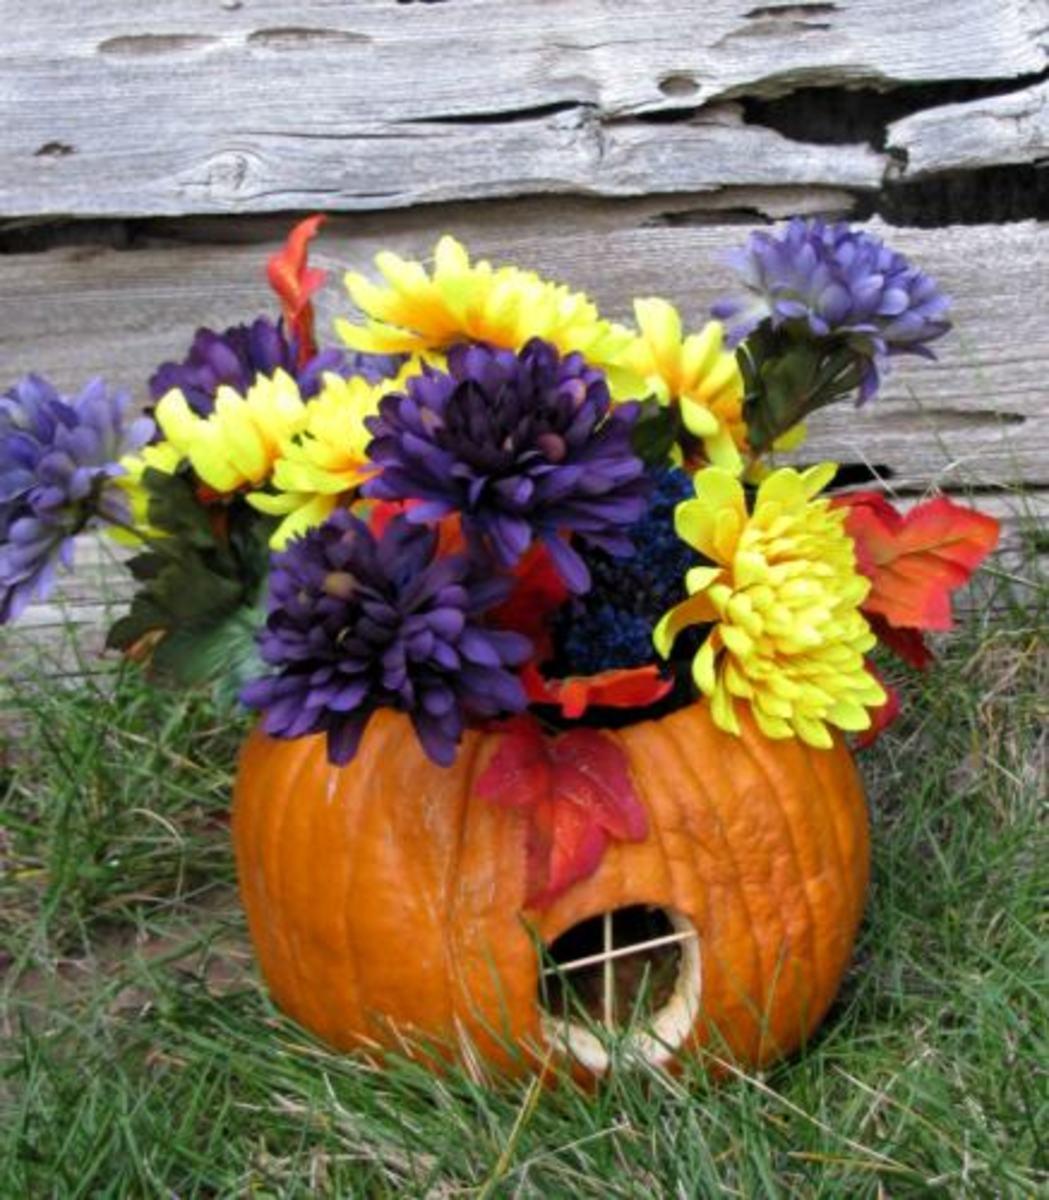 Pumpkin Vase Copyright 2011 (c) Pirkko Dyer